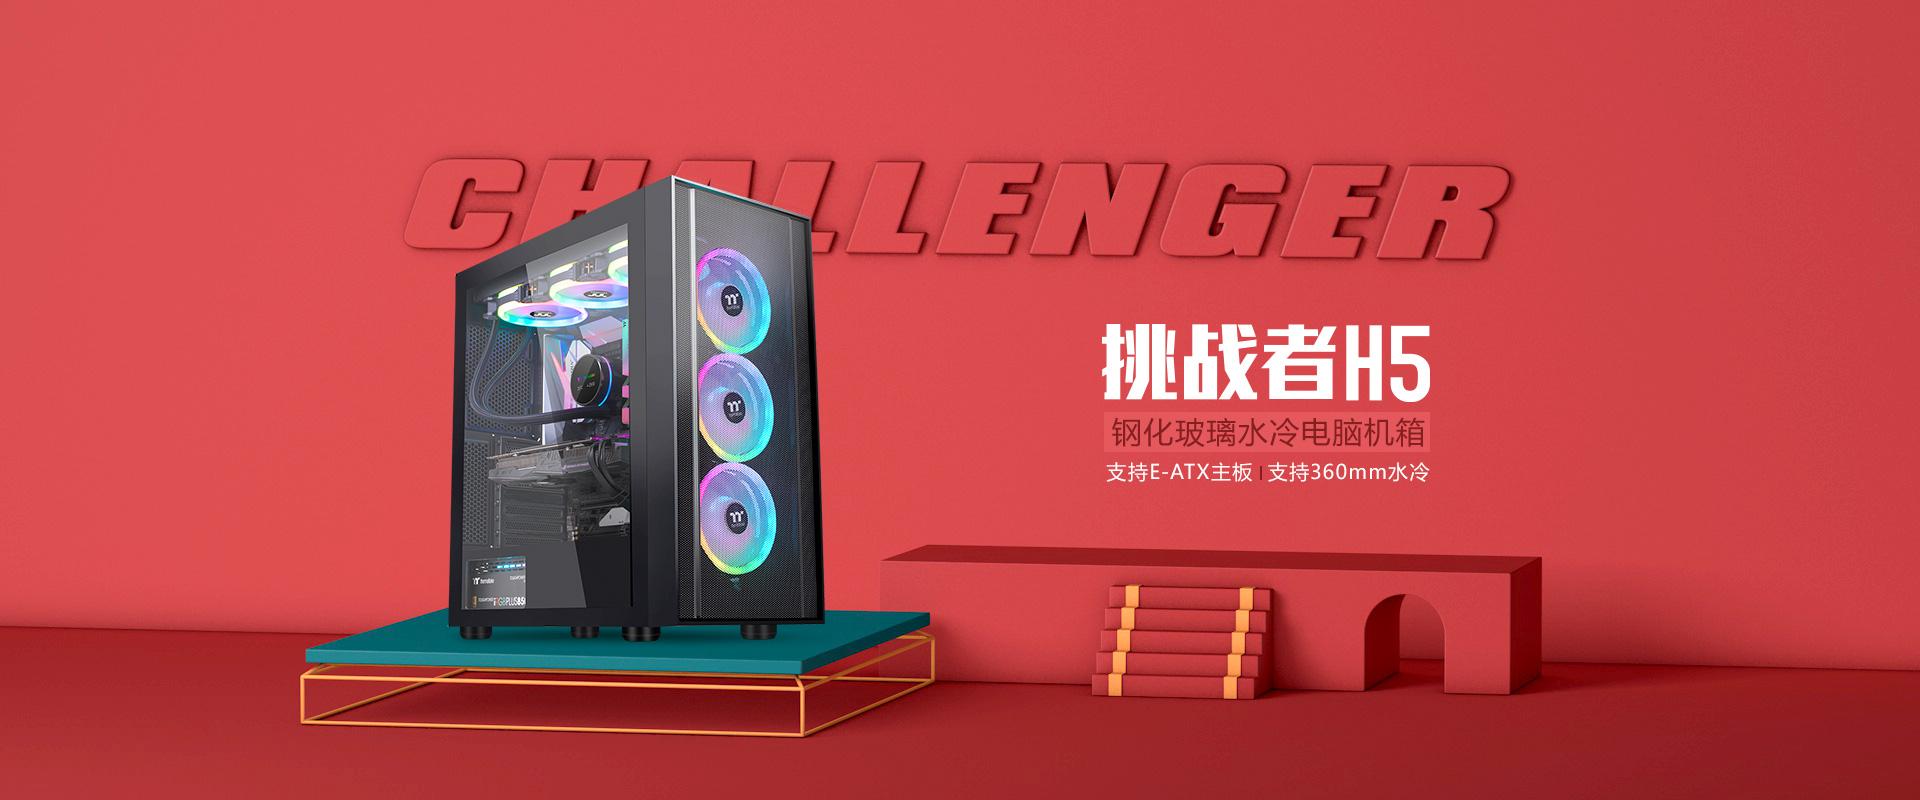 挑战者H5